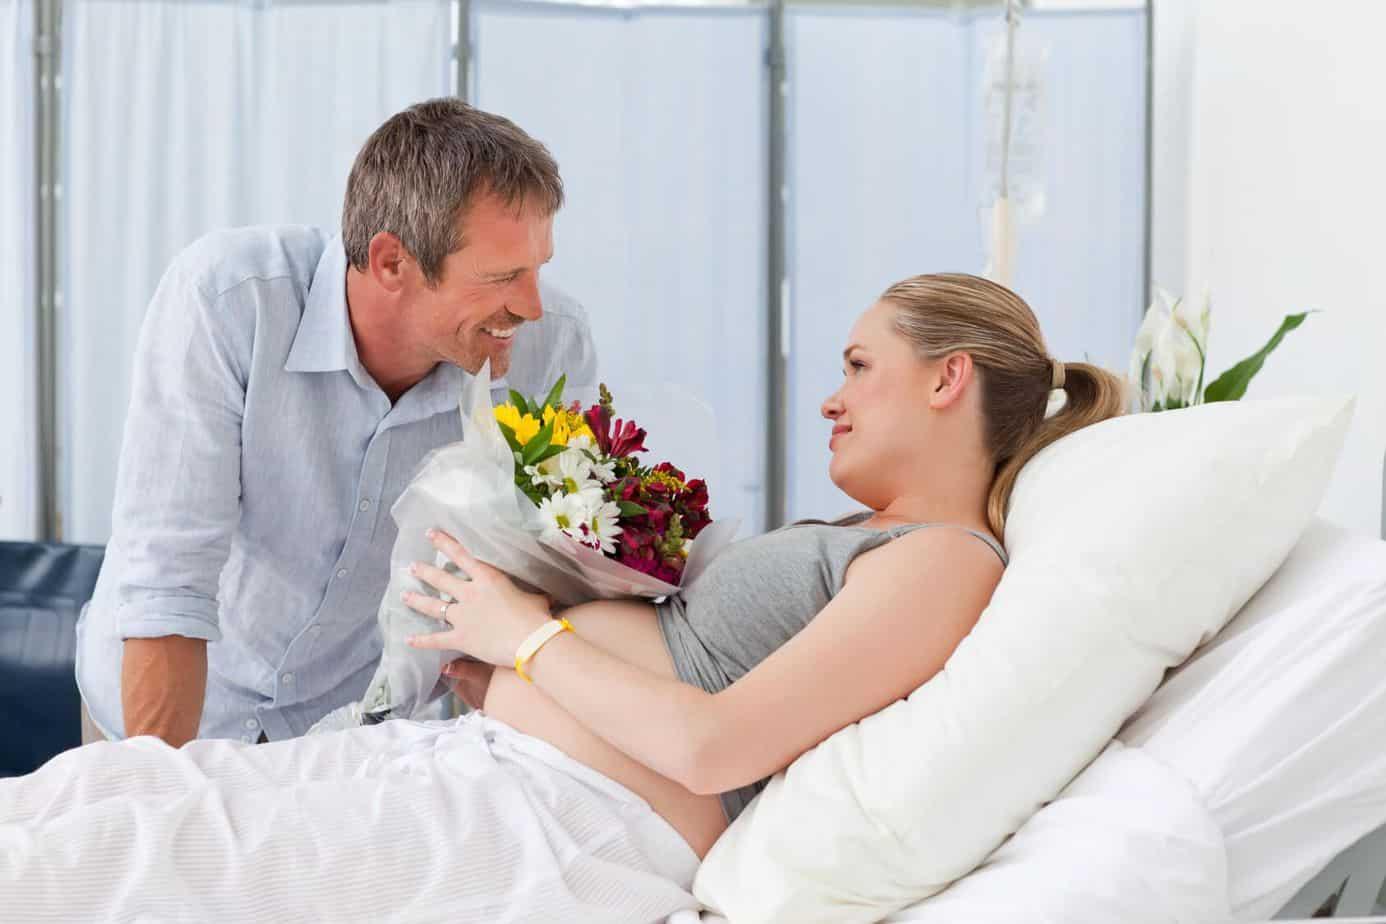 flores para dedicar a alguién en el hospital